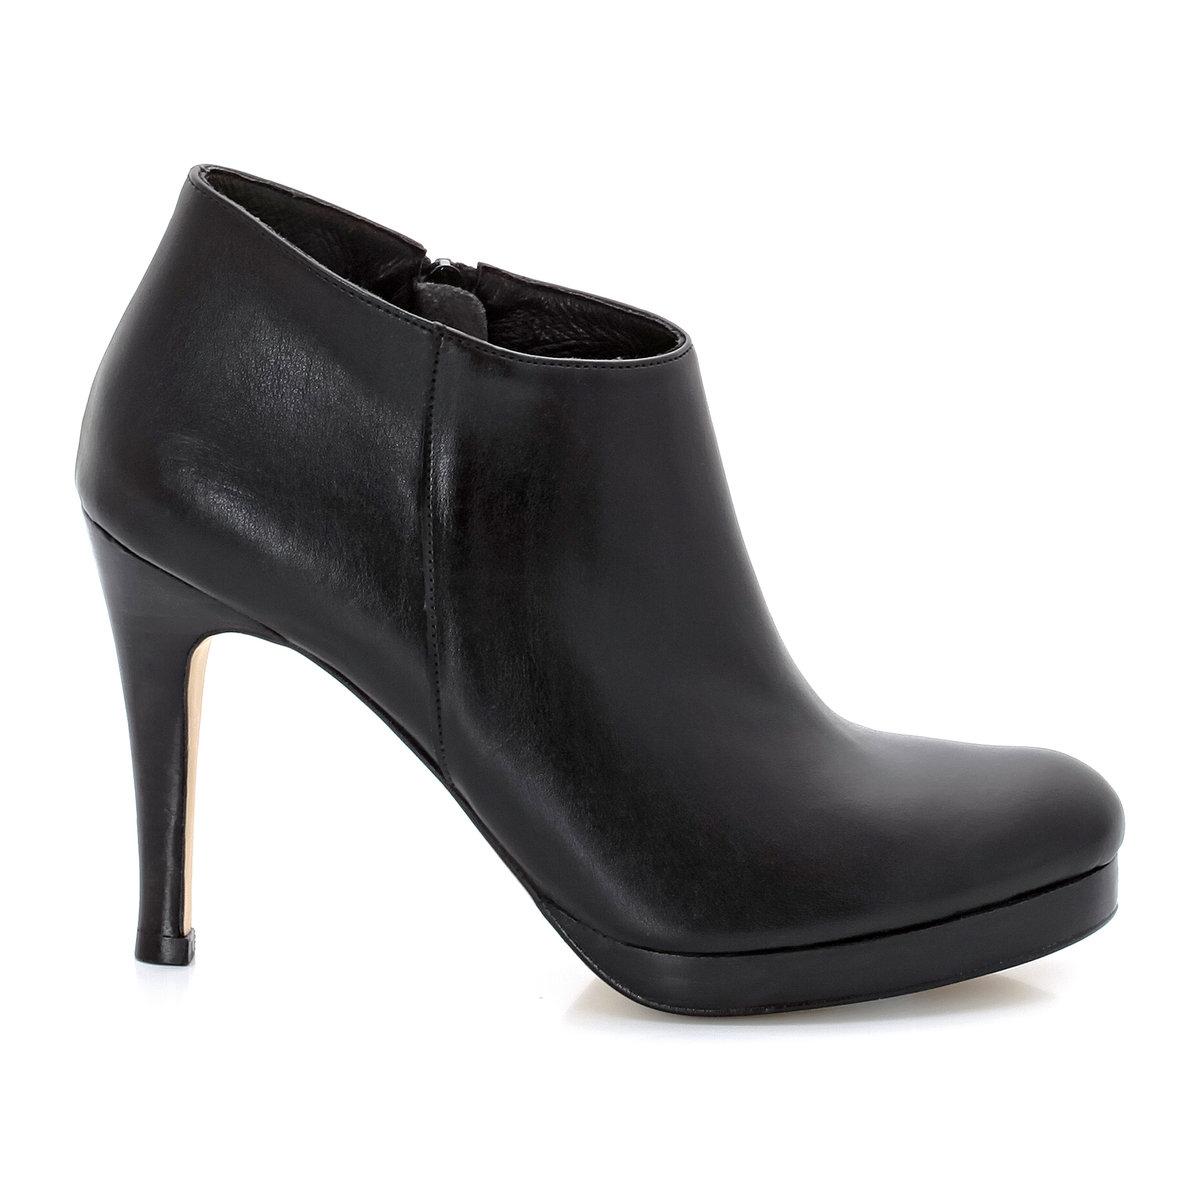 Ботинки низкие на высоких каблуках, с застежками на молниюЭти низкие ботинки на высоком каблуке под маркой Jonak сделают ваш силуэт женственным и ультра модным!<br><br>Цвет: черный<br>Размер: 38.40